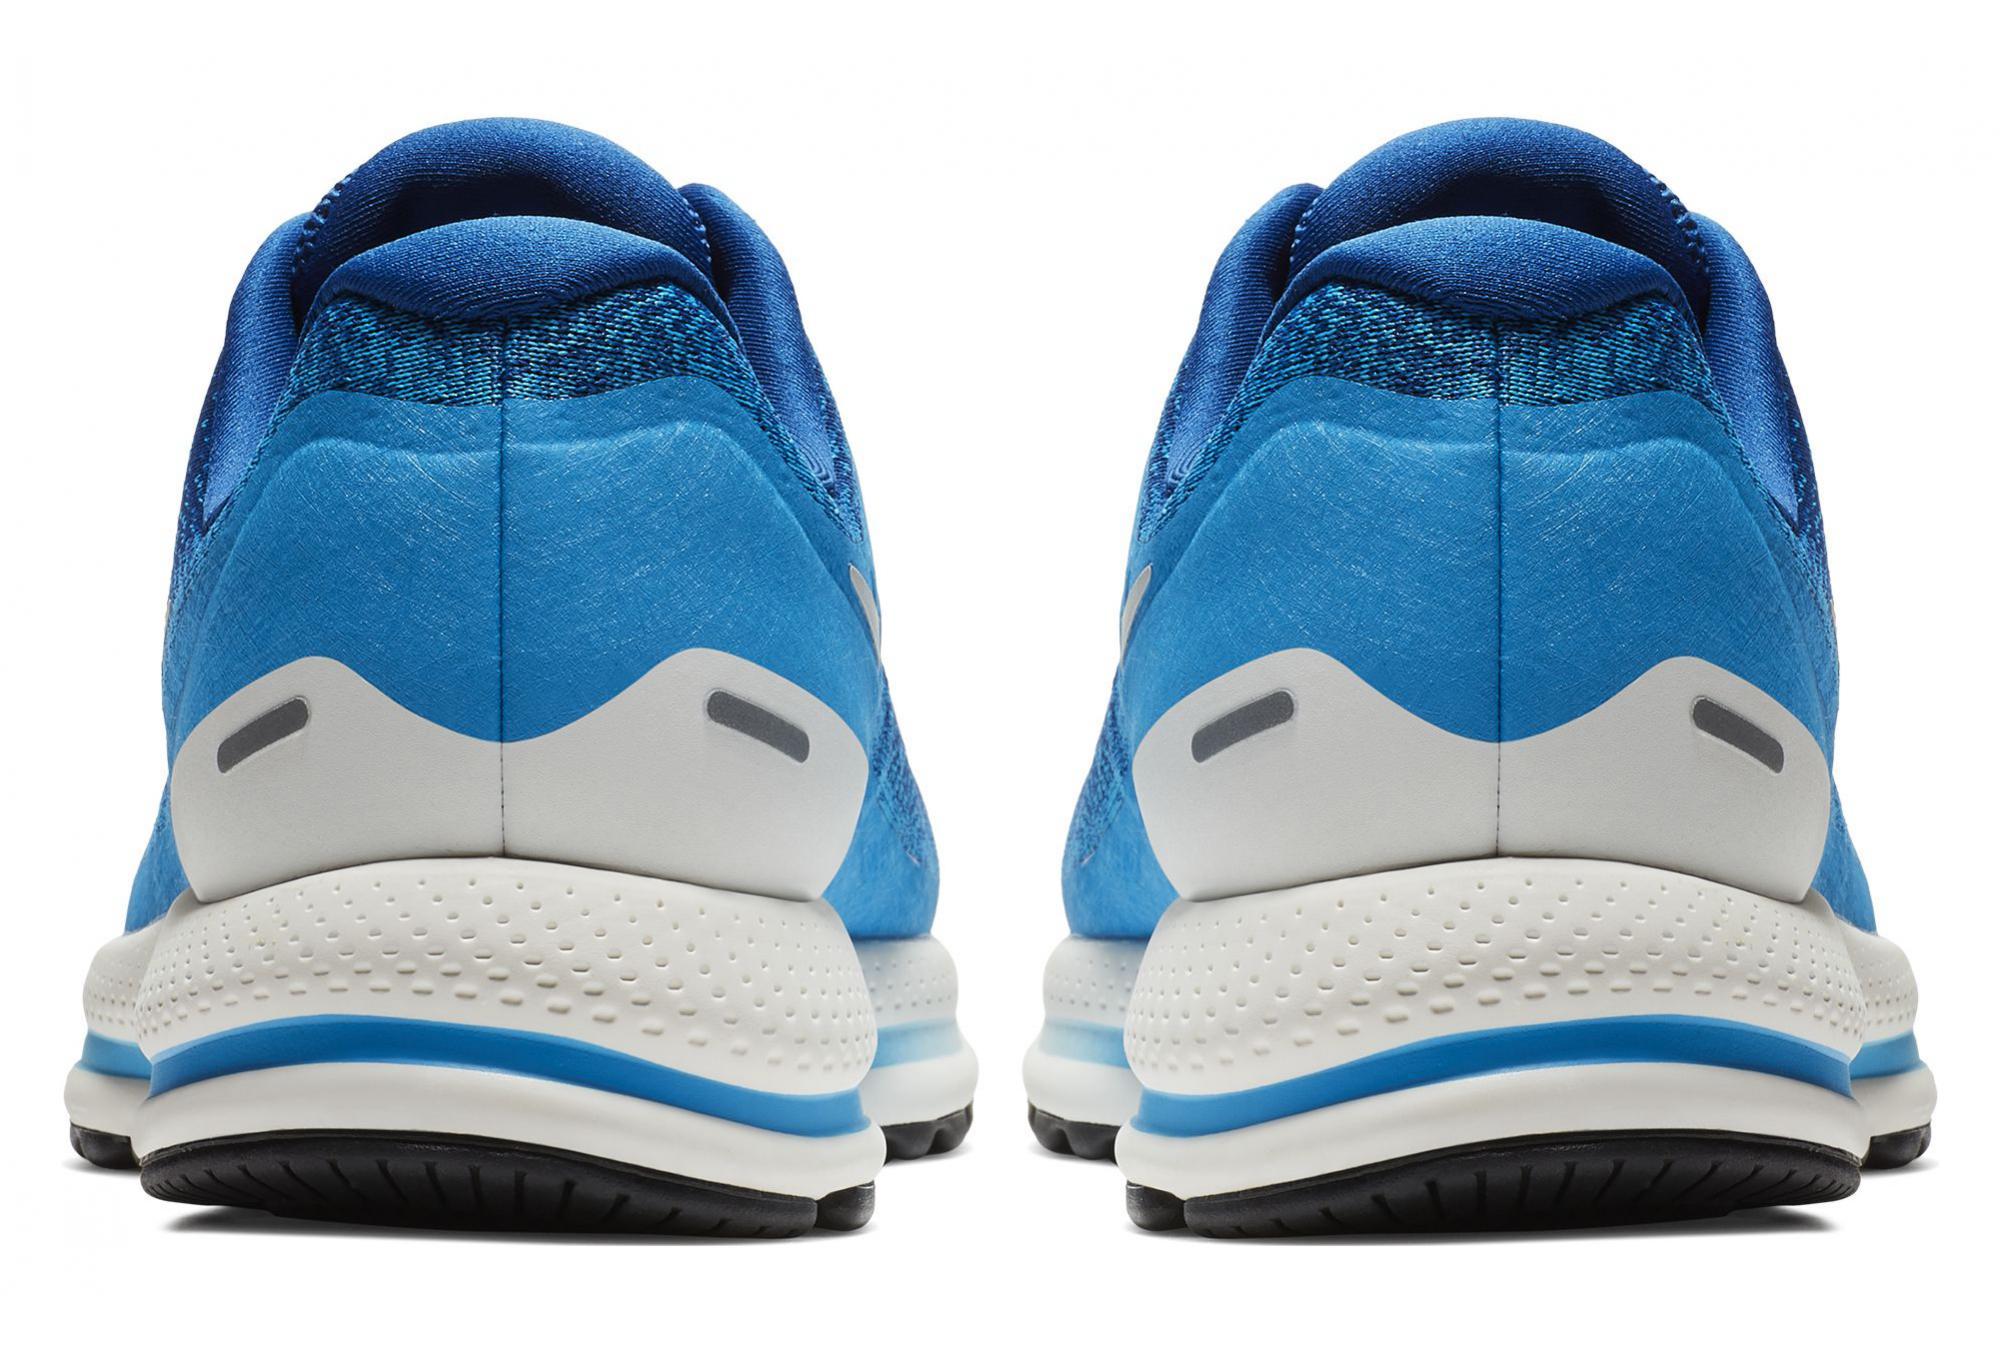 precios baratass real mejor valorado para toda la familia Zapatillas Nike Air Zoom Vomero 13 Blue White Men